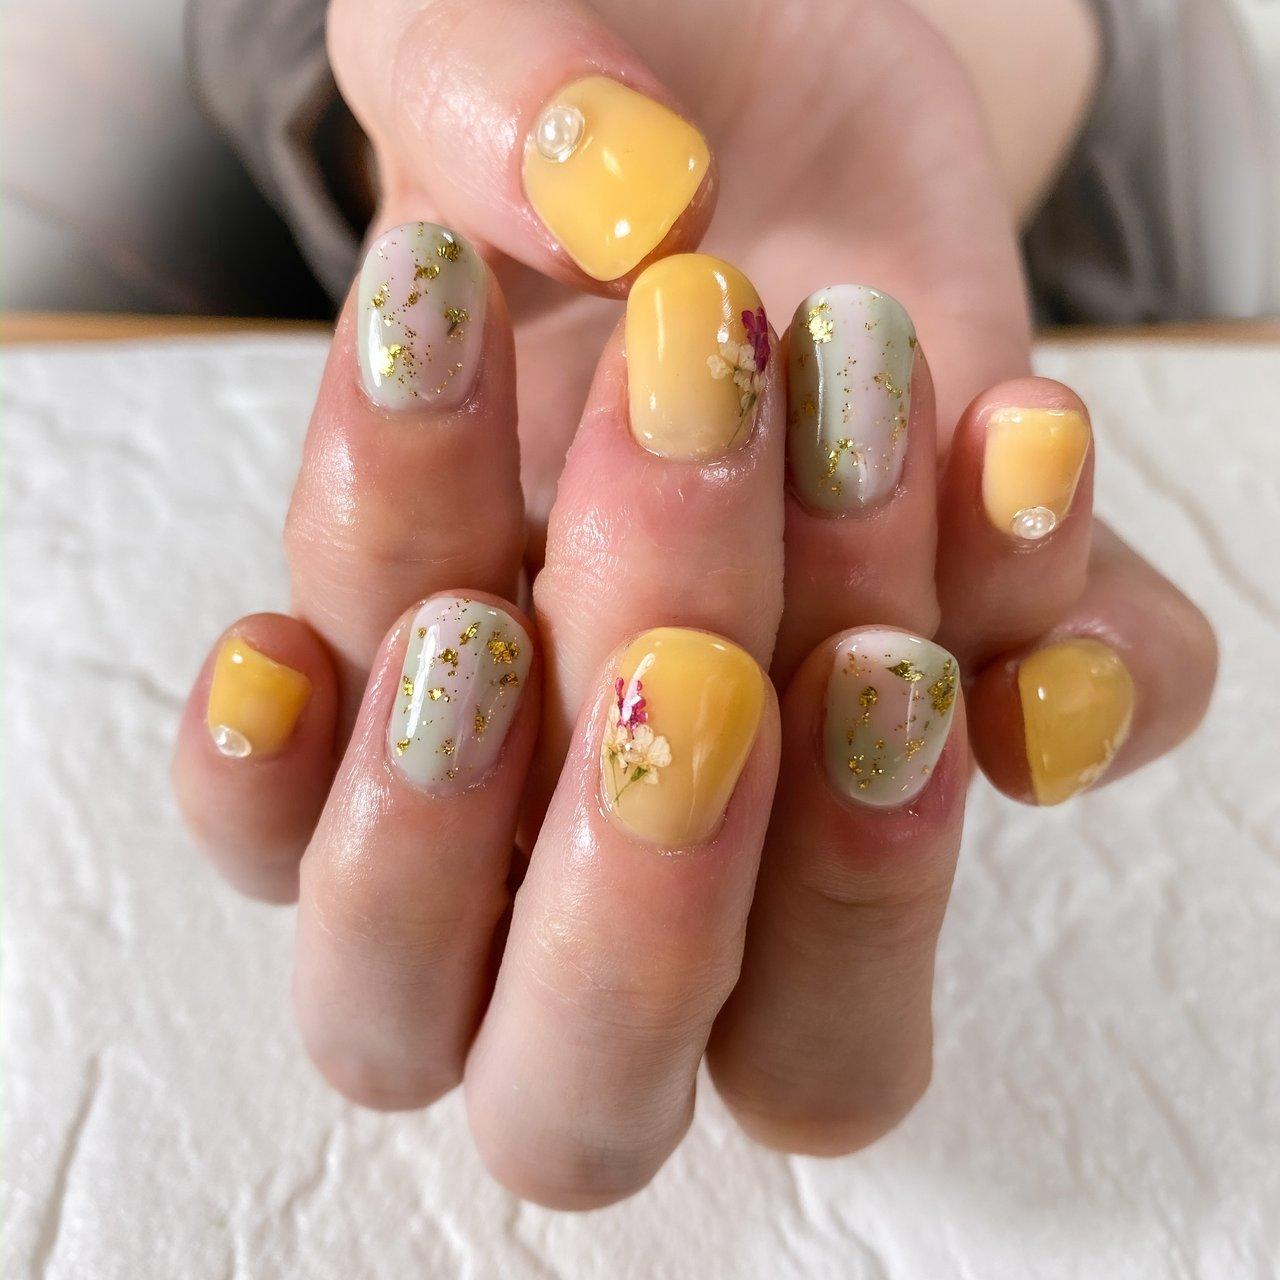 #フラワーネイル #黄色ネイル #春ネイル  モデルさんより今回は黄色とドライフラワーを使ったネイルとご要望を頂きまして、色味からデザインまで一緒に考えながら施術させて頂きました( *´艸`)  とても楽しかったです♡♡♡ #春 #夏 #ハンド #シンプル #ラメ #ワンカラー #押し花 #ミディアム #イエロー #グリーン #ジェル #ネイルモデル #Couleur~クルール~ #ネイルブック